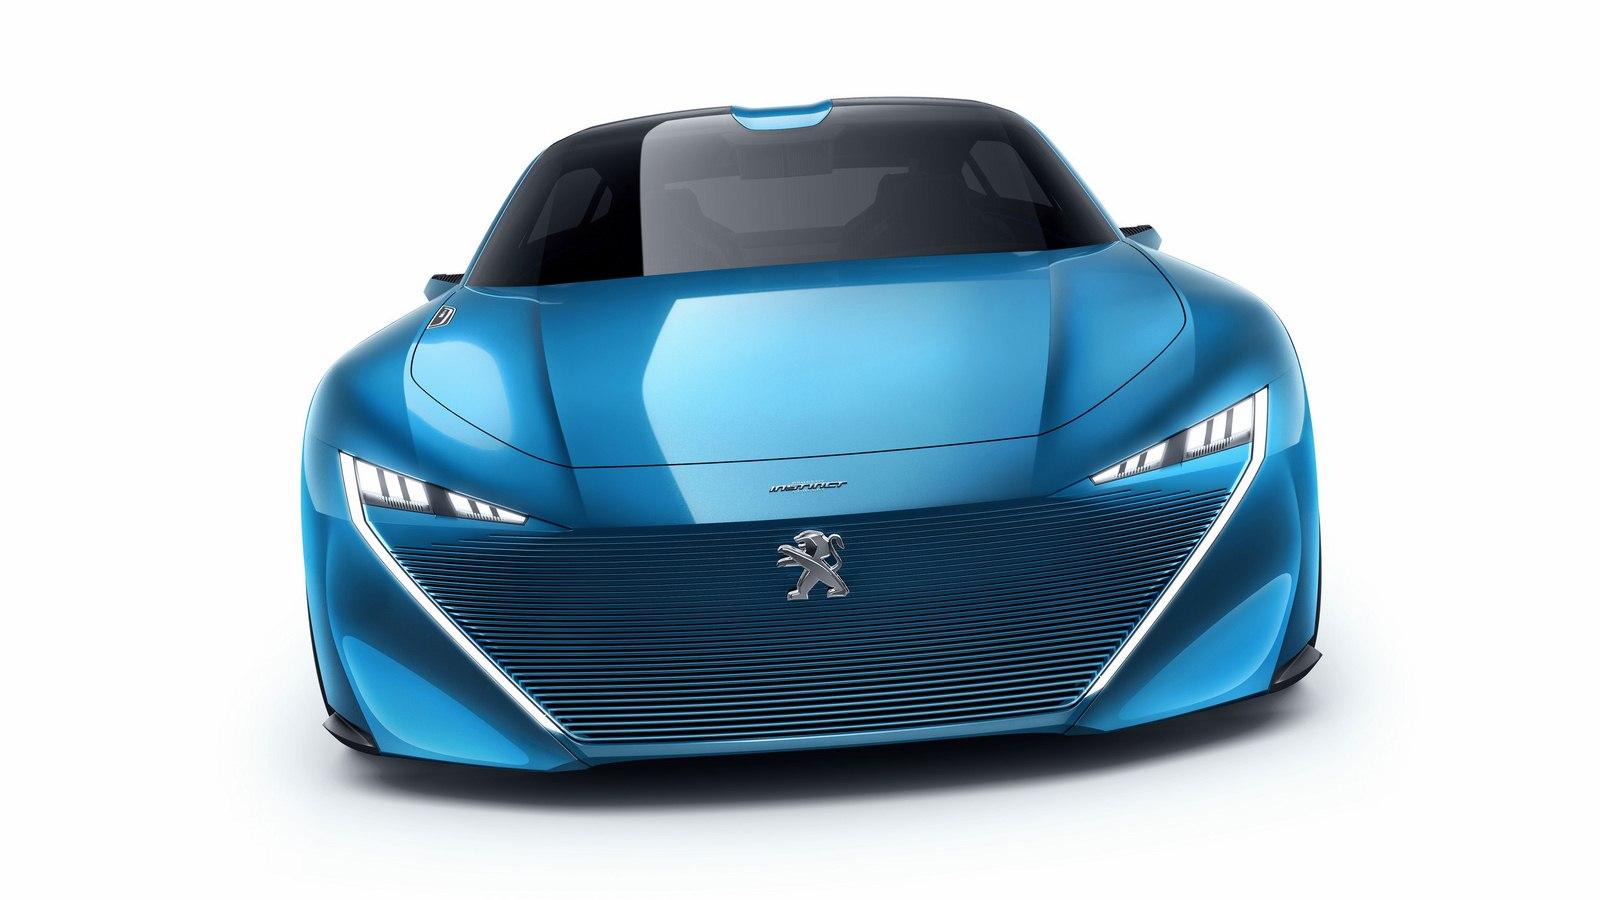 2017-Peugeot-Instinct-Concept-03-white-bg